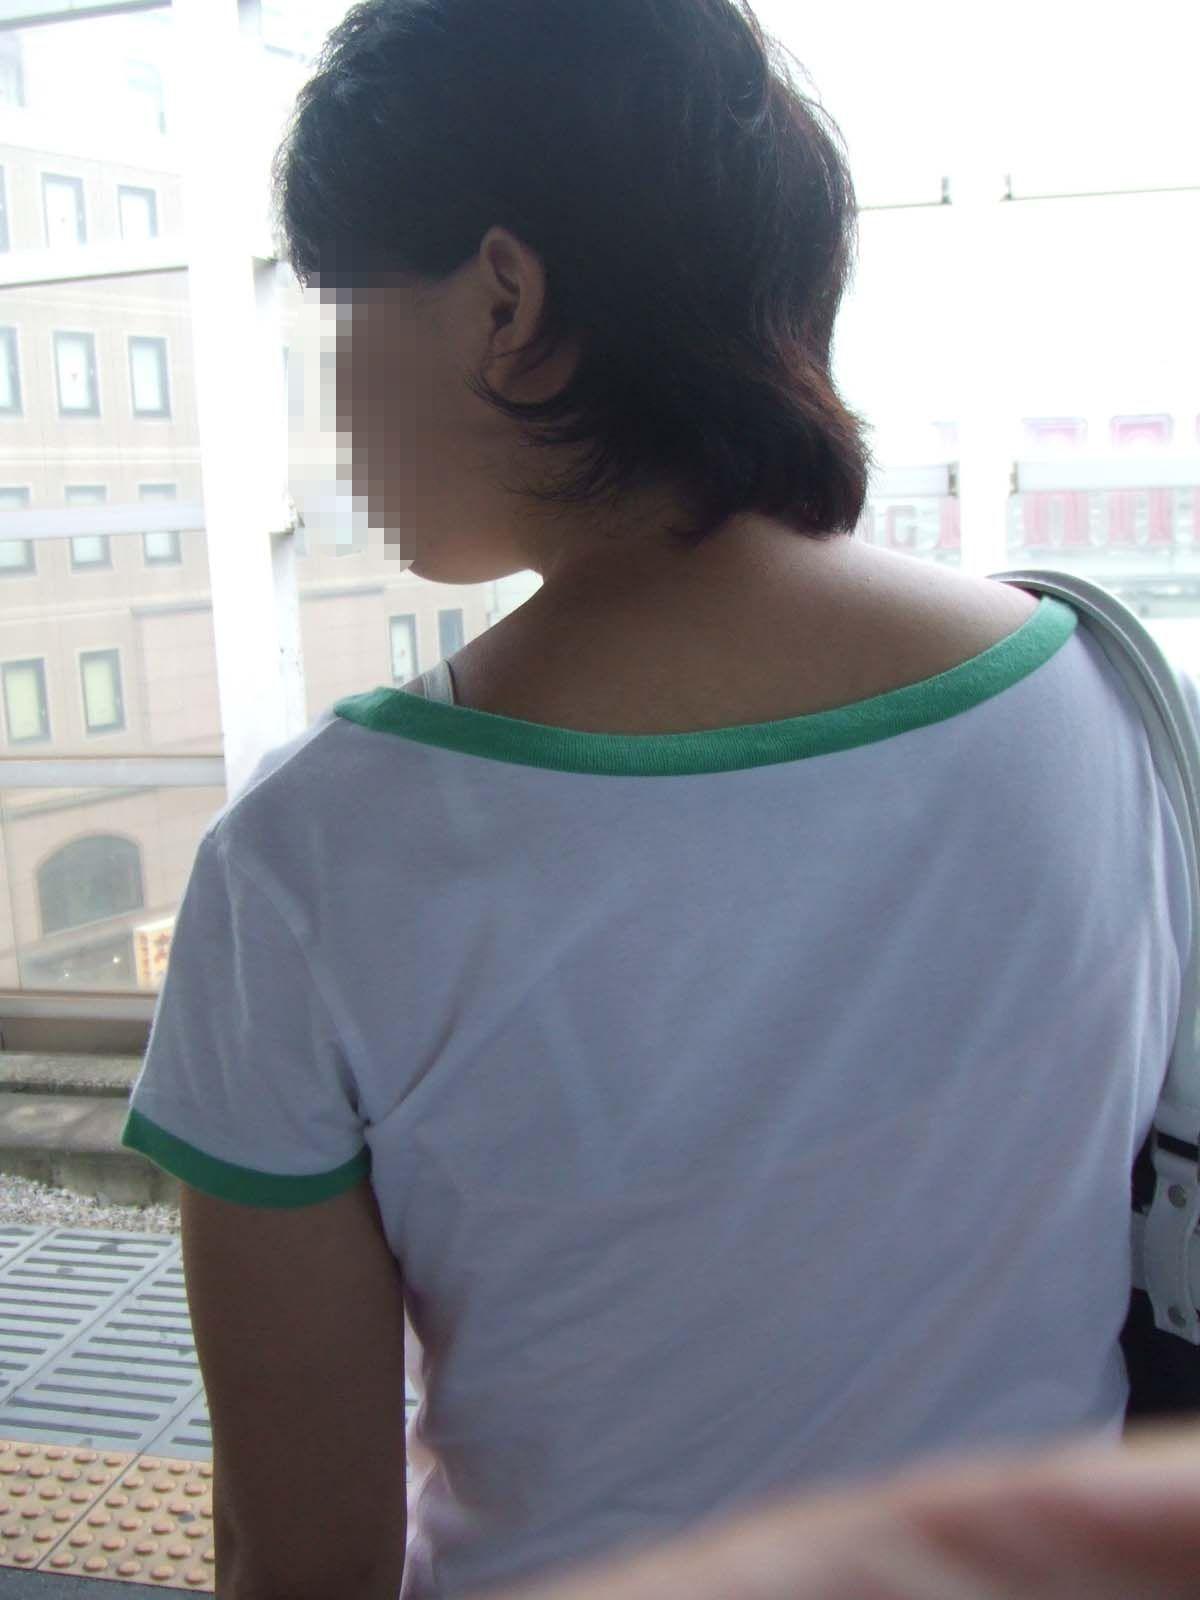 jcジュニア インナー 透けチラ 05 【下着チラエロ画像】パンツ程じゃないけど…目撃できれば少し嬉しいブラチラ